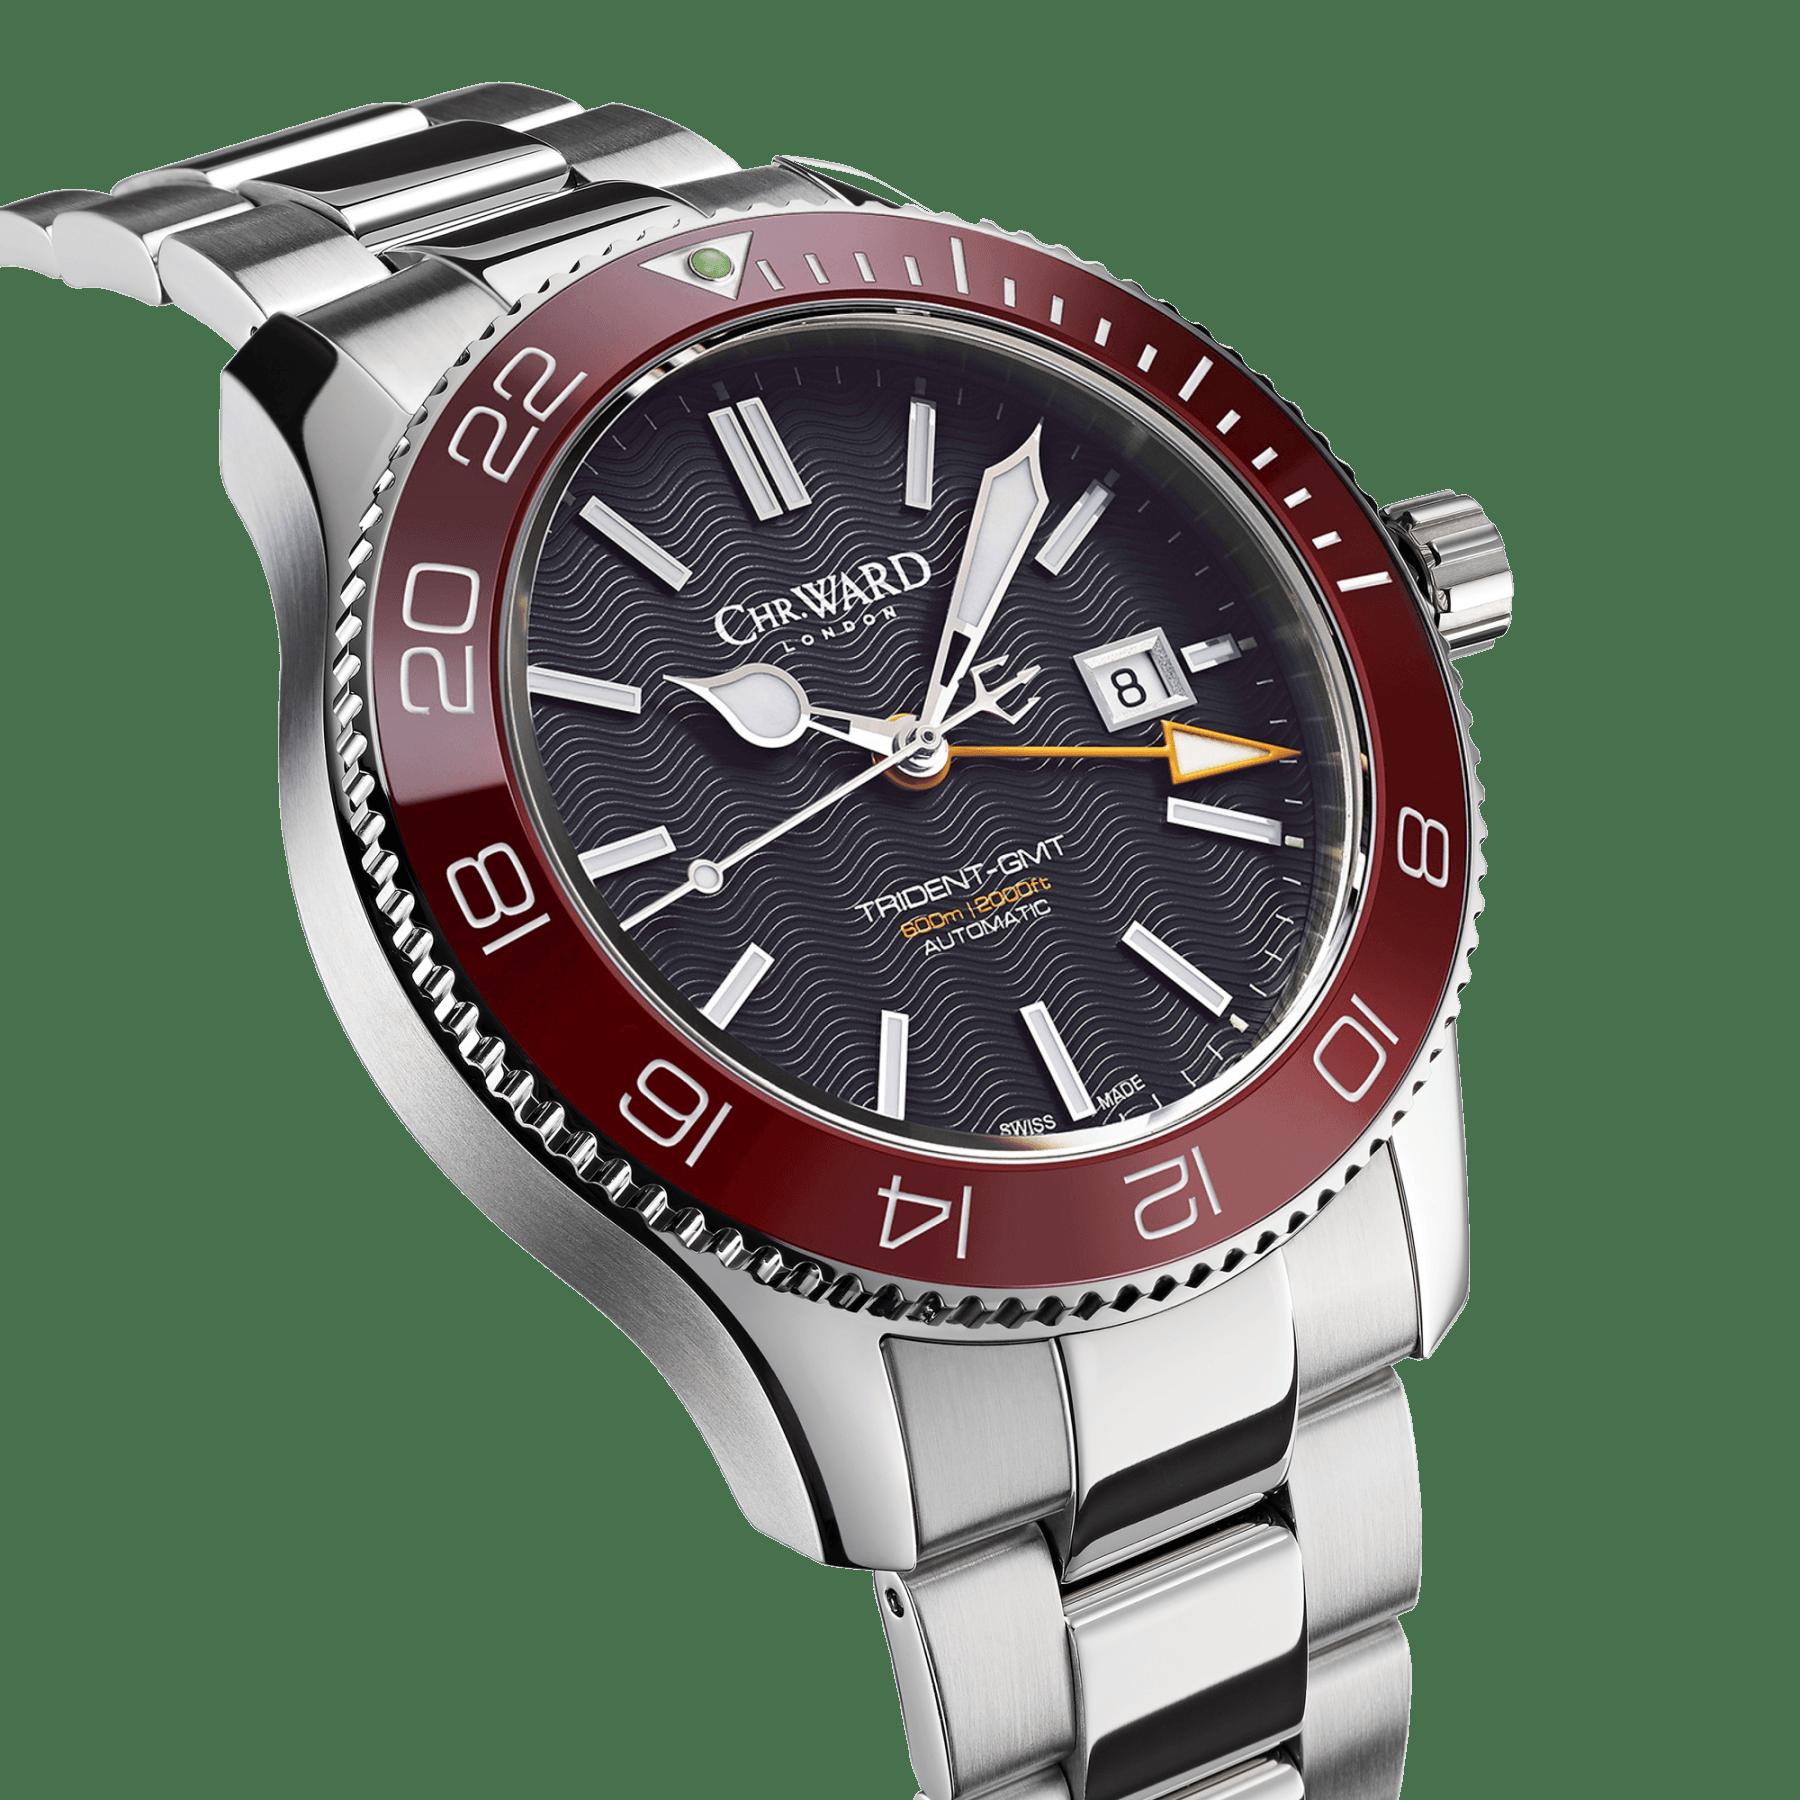 48be2cb20 C60 Trident Pro GMT 600 - Christopher Ward Luxusní Hodinky, Hodinky Rolex,  Sportovní Hodinky